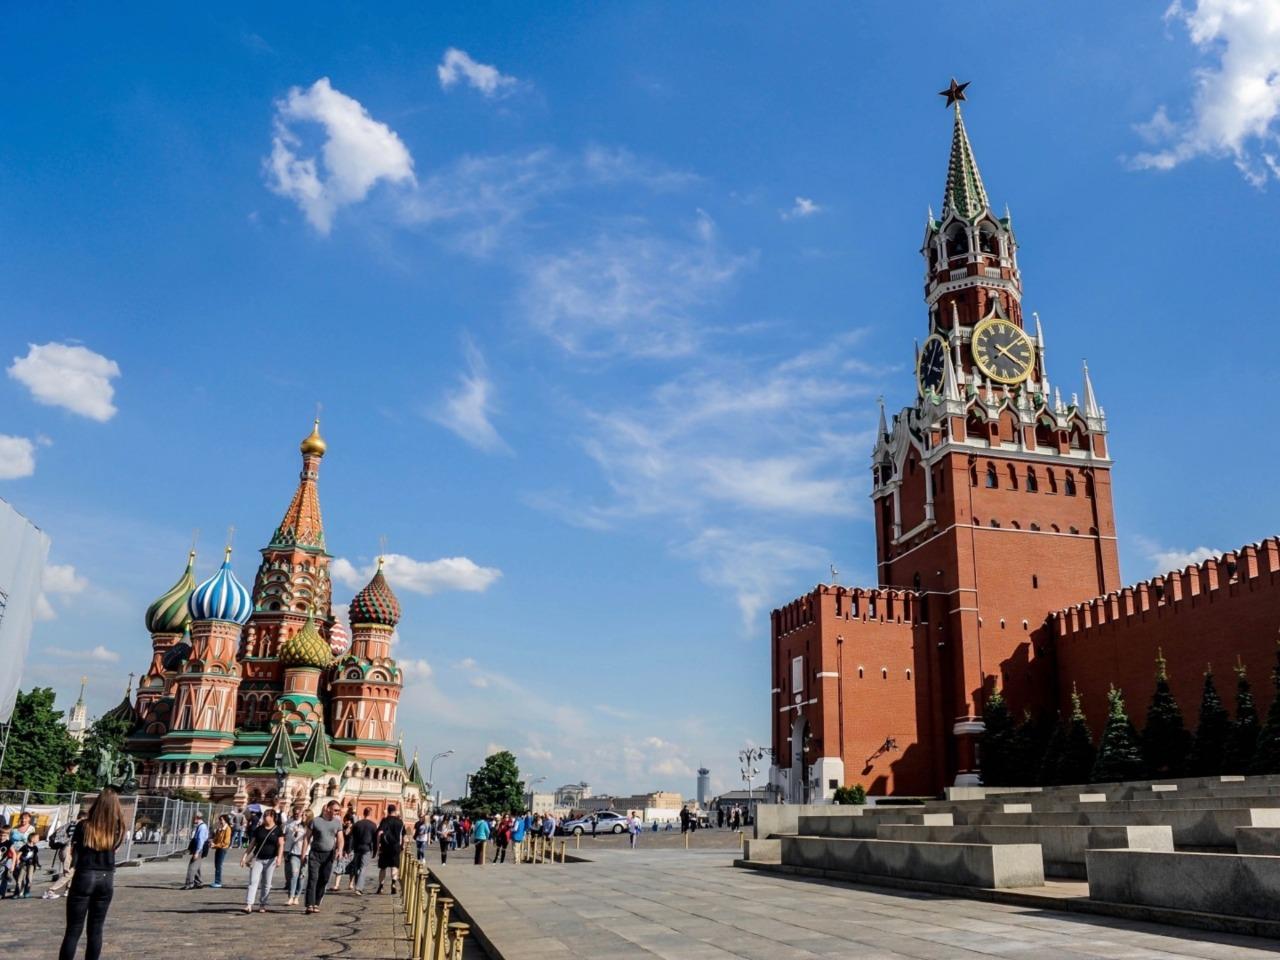 Красная площадь и Александровский сад - групповая экскурсия по Москве от опытного гида